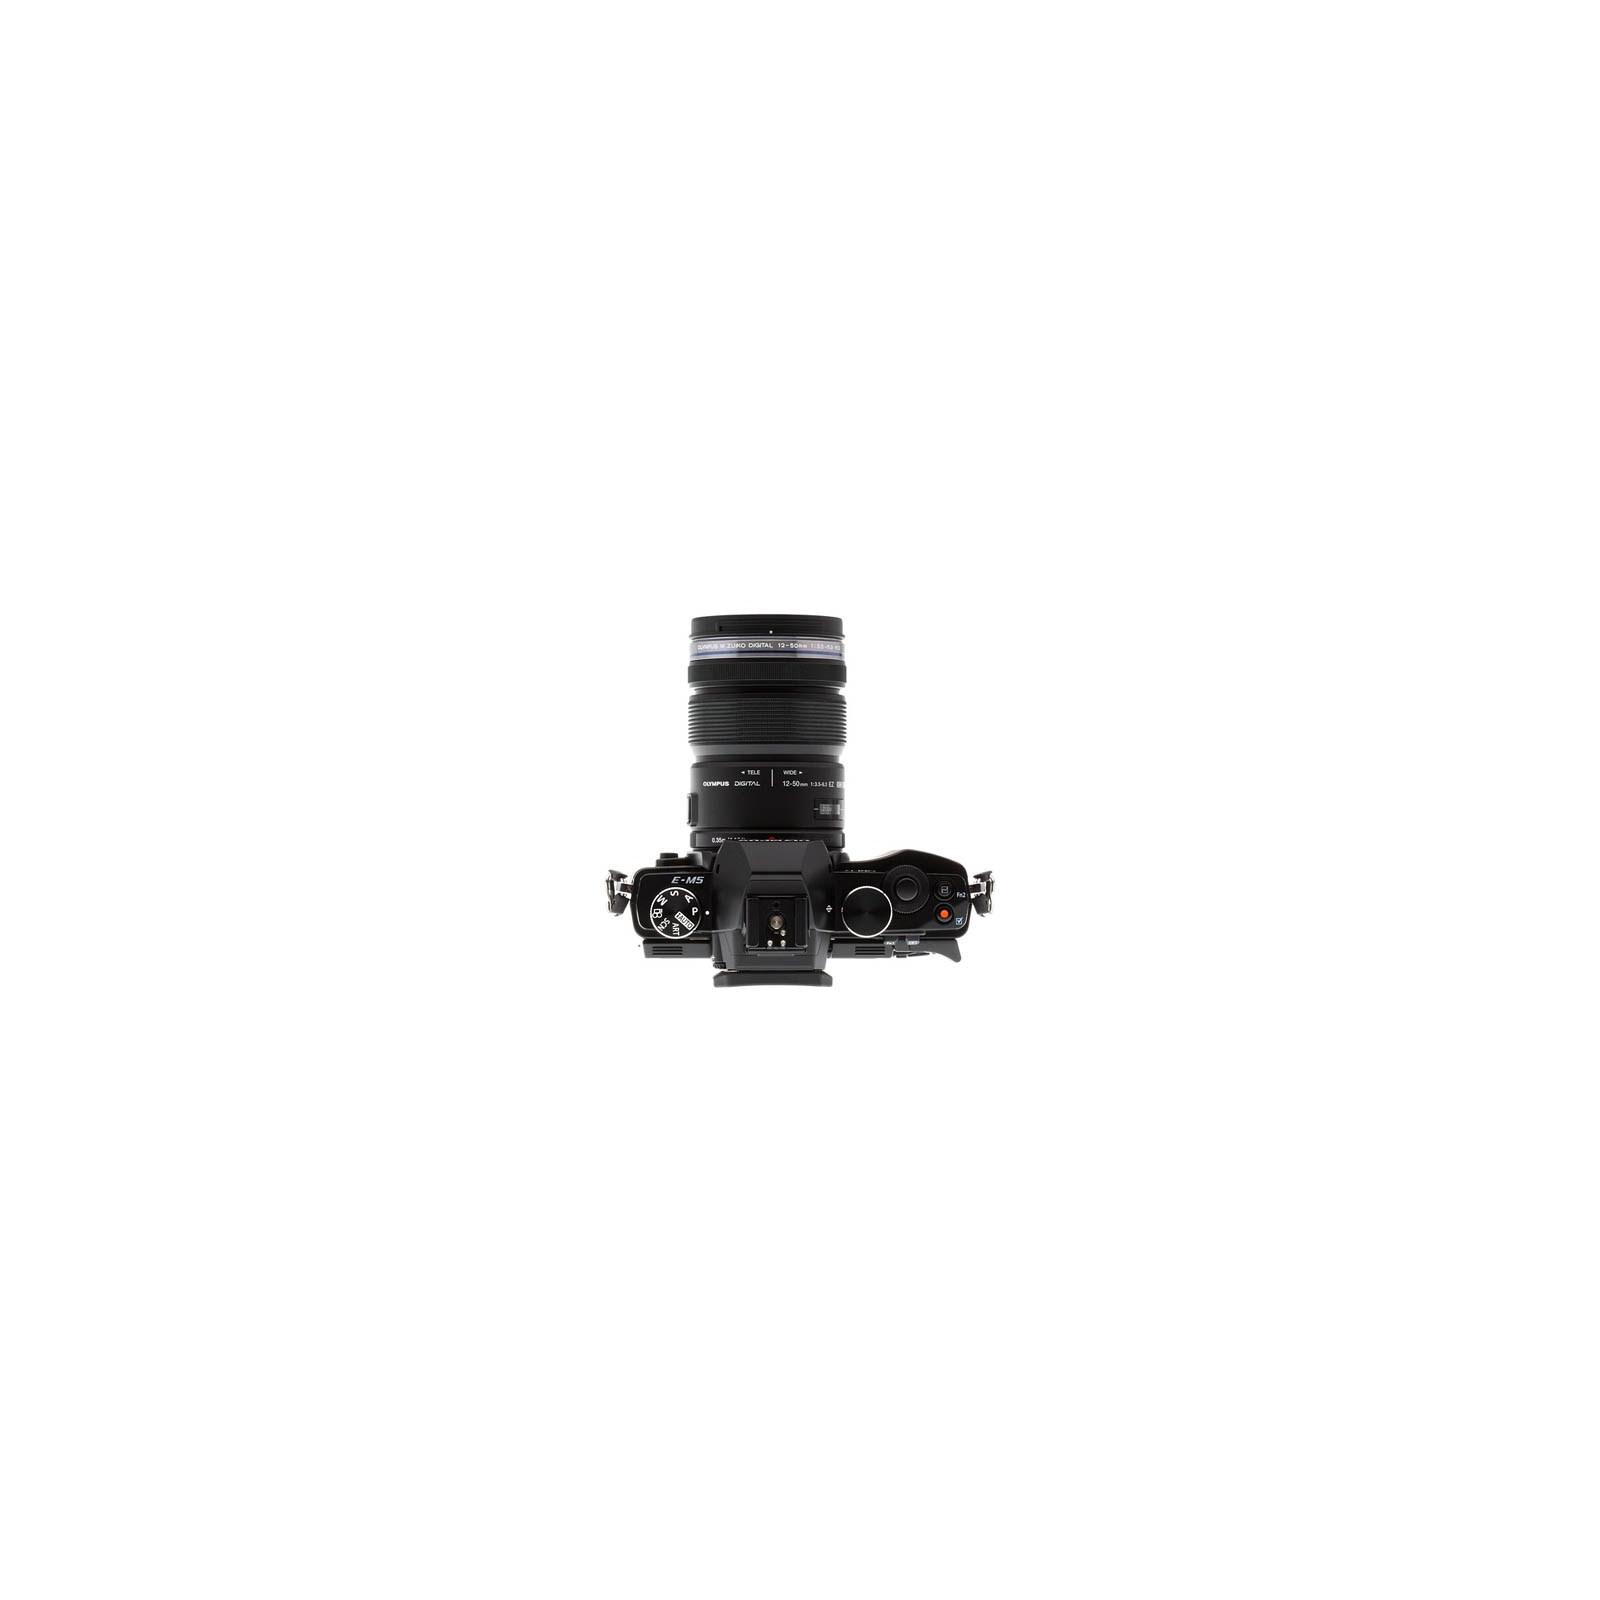 Цифровой фотоаппарат OLYMPUS OM-D E-M5 12-50 kit black/black (V204045BE000) изображение 3